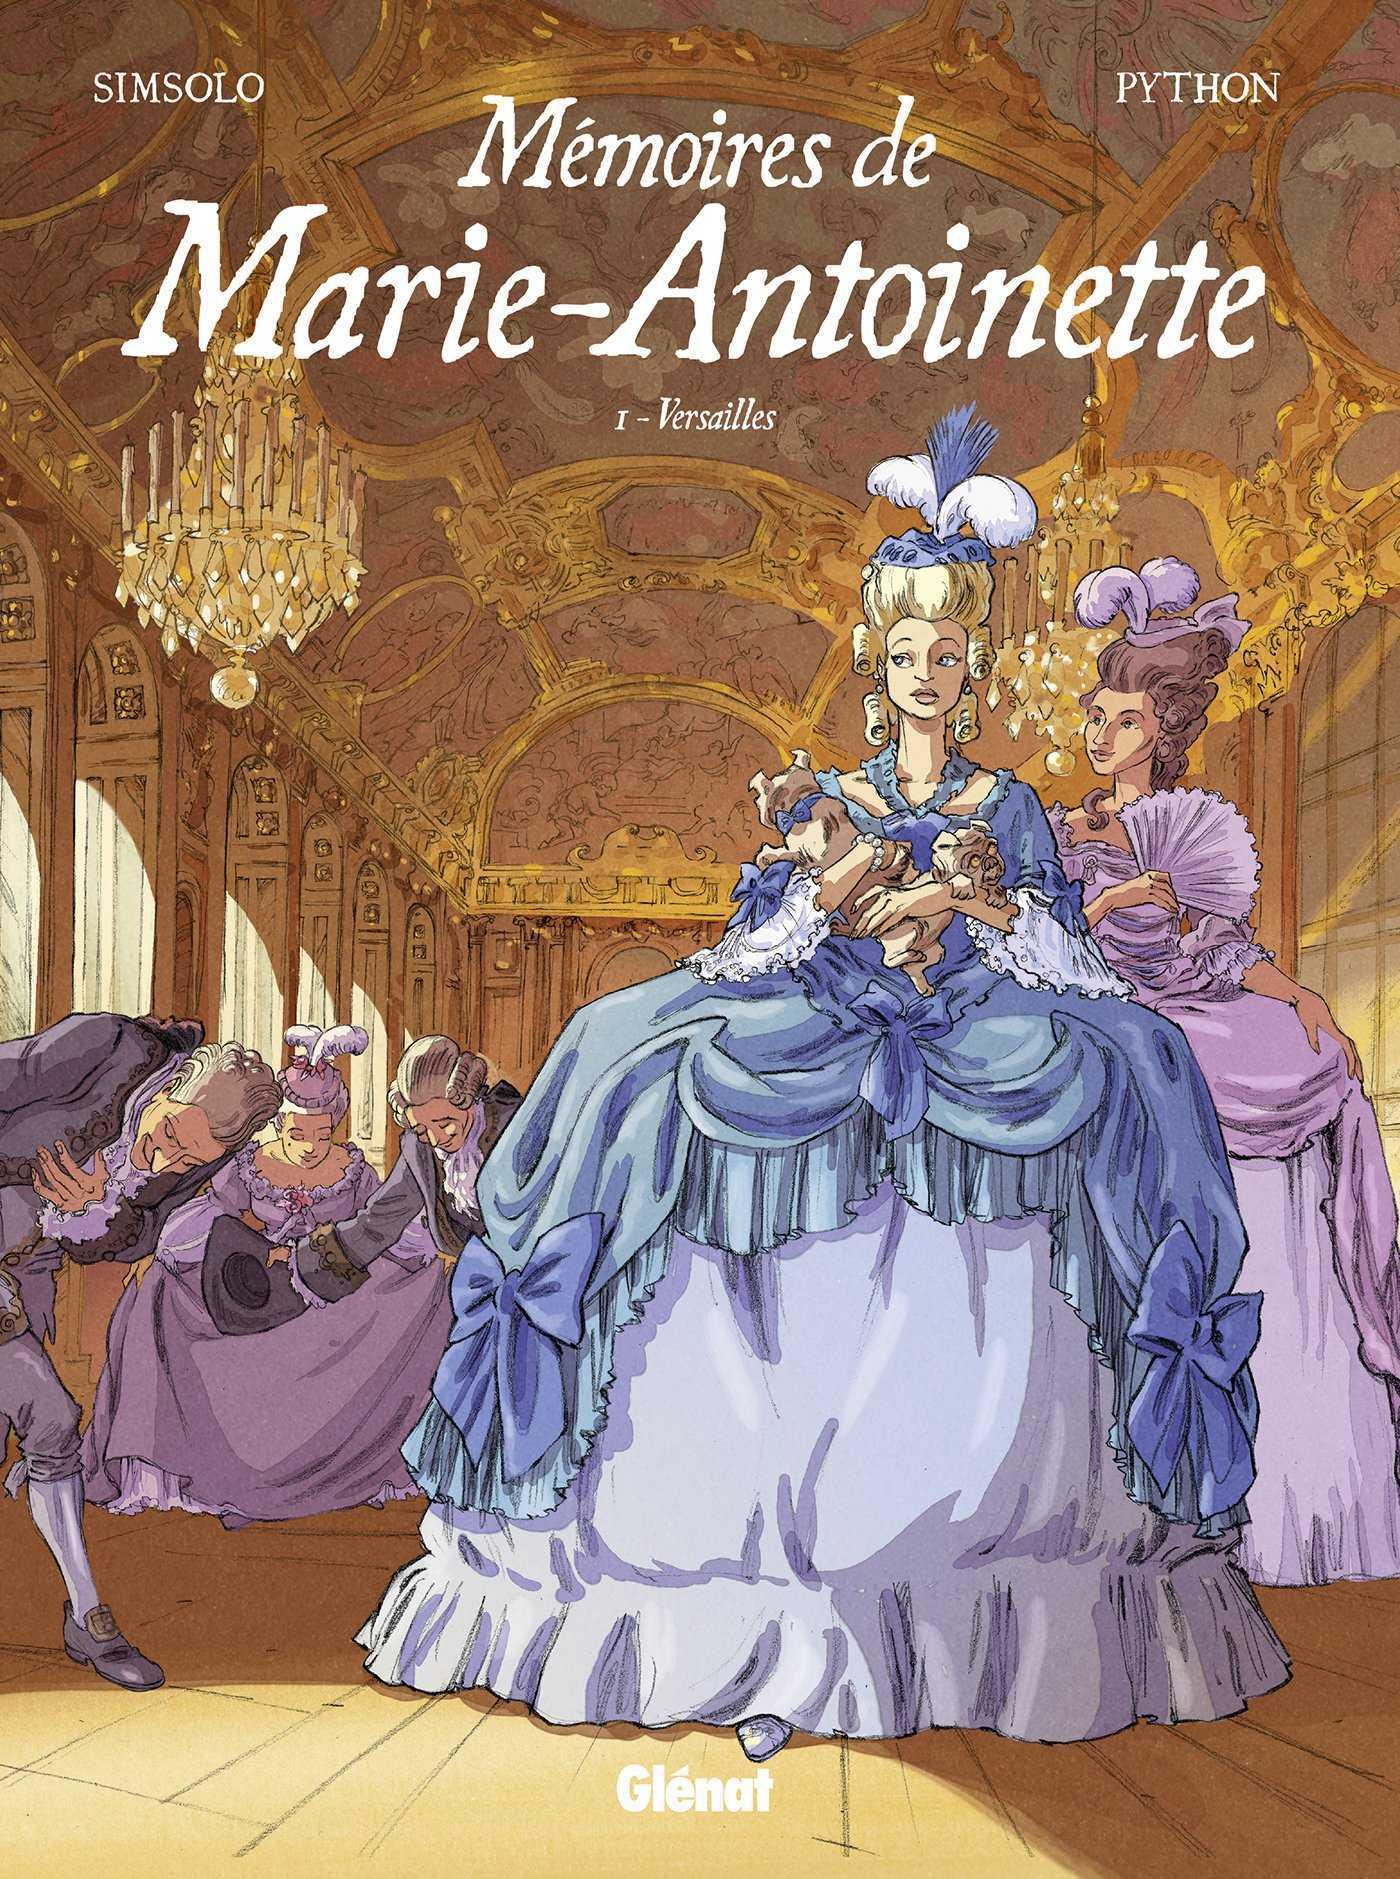 Mémoires de Marie-Antoinette, femme futile ou politique ?